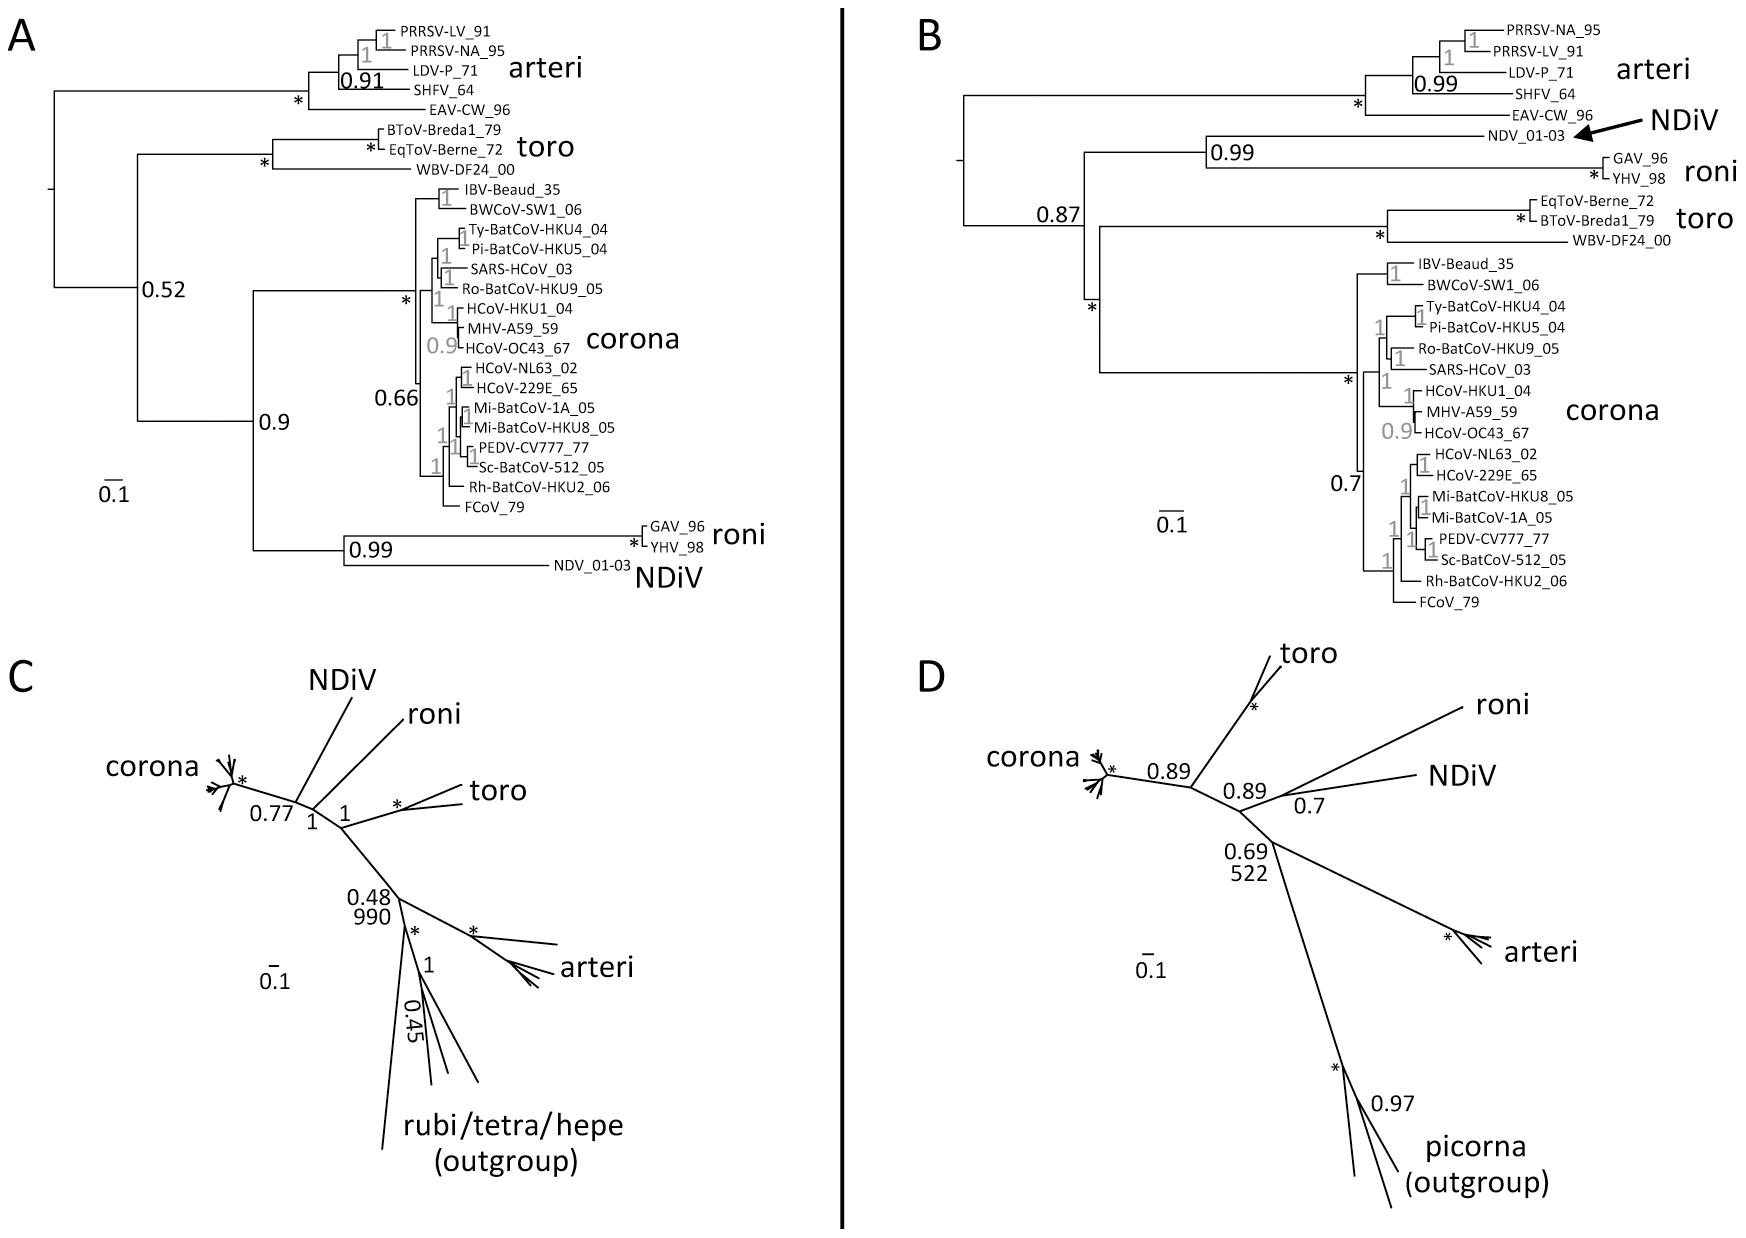 Phylogeny of nidoviruses.